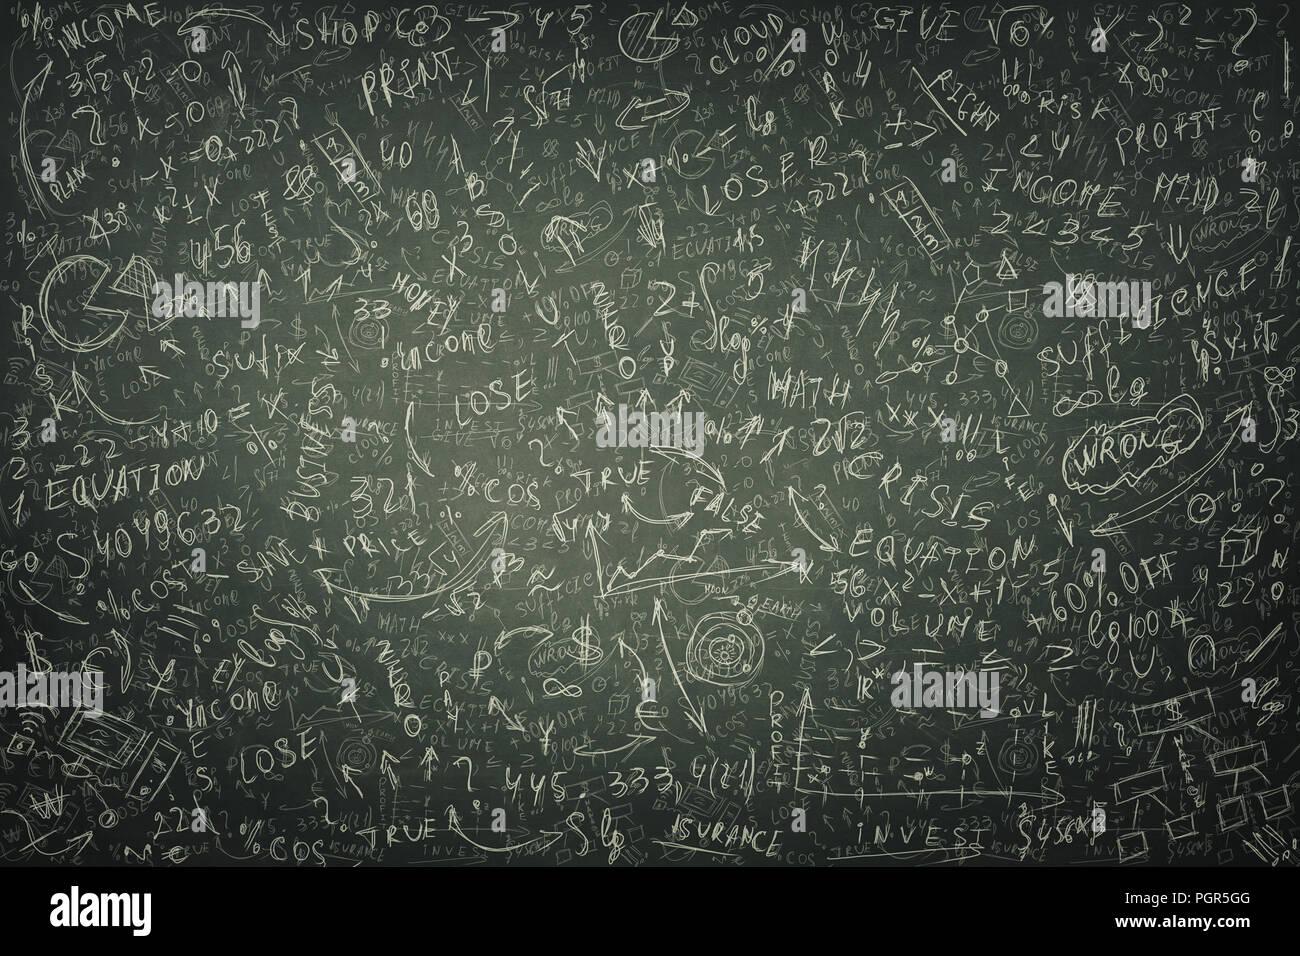 Grand tableau noir la craie de textures dessinées avec calcul mathématiques difficiles, formule économique et équations arrière-plan. Penser à des idées de projet et b Photo Stock